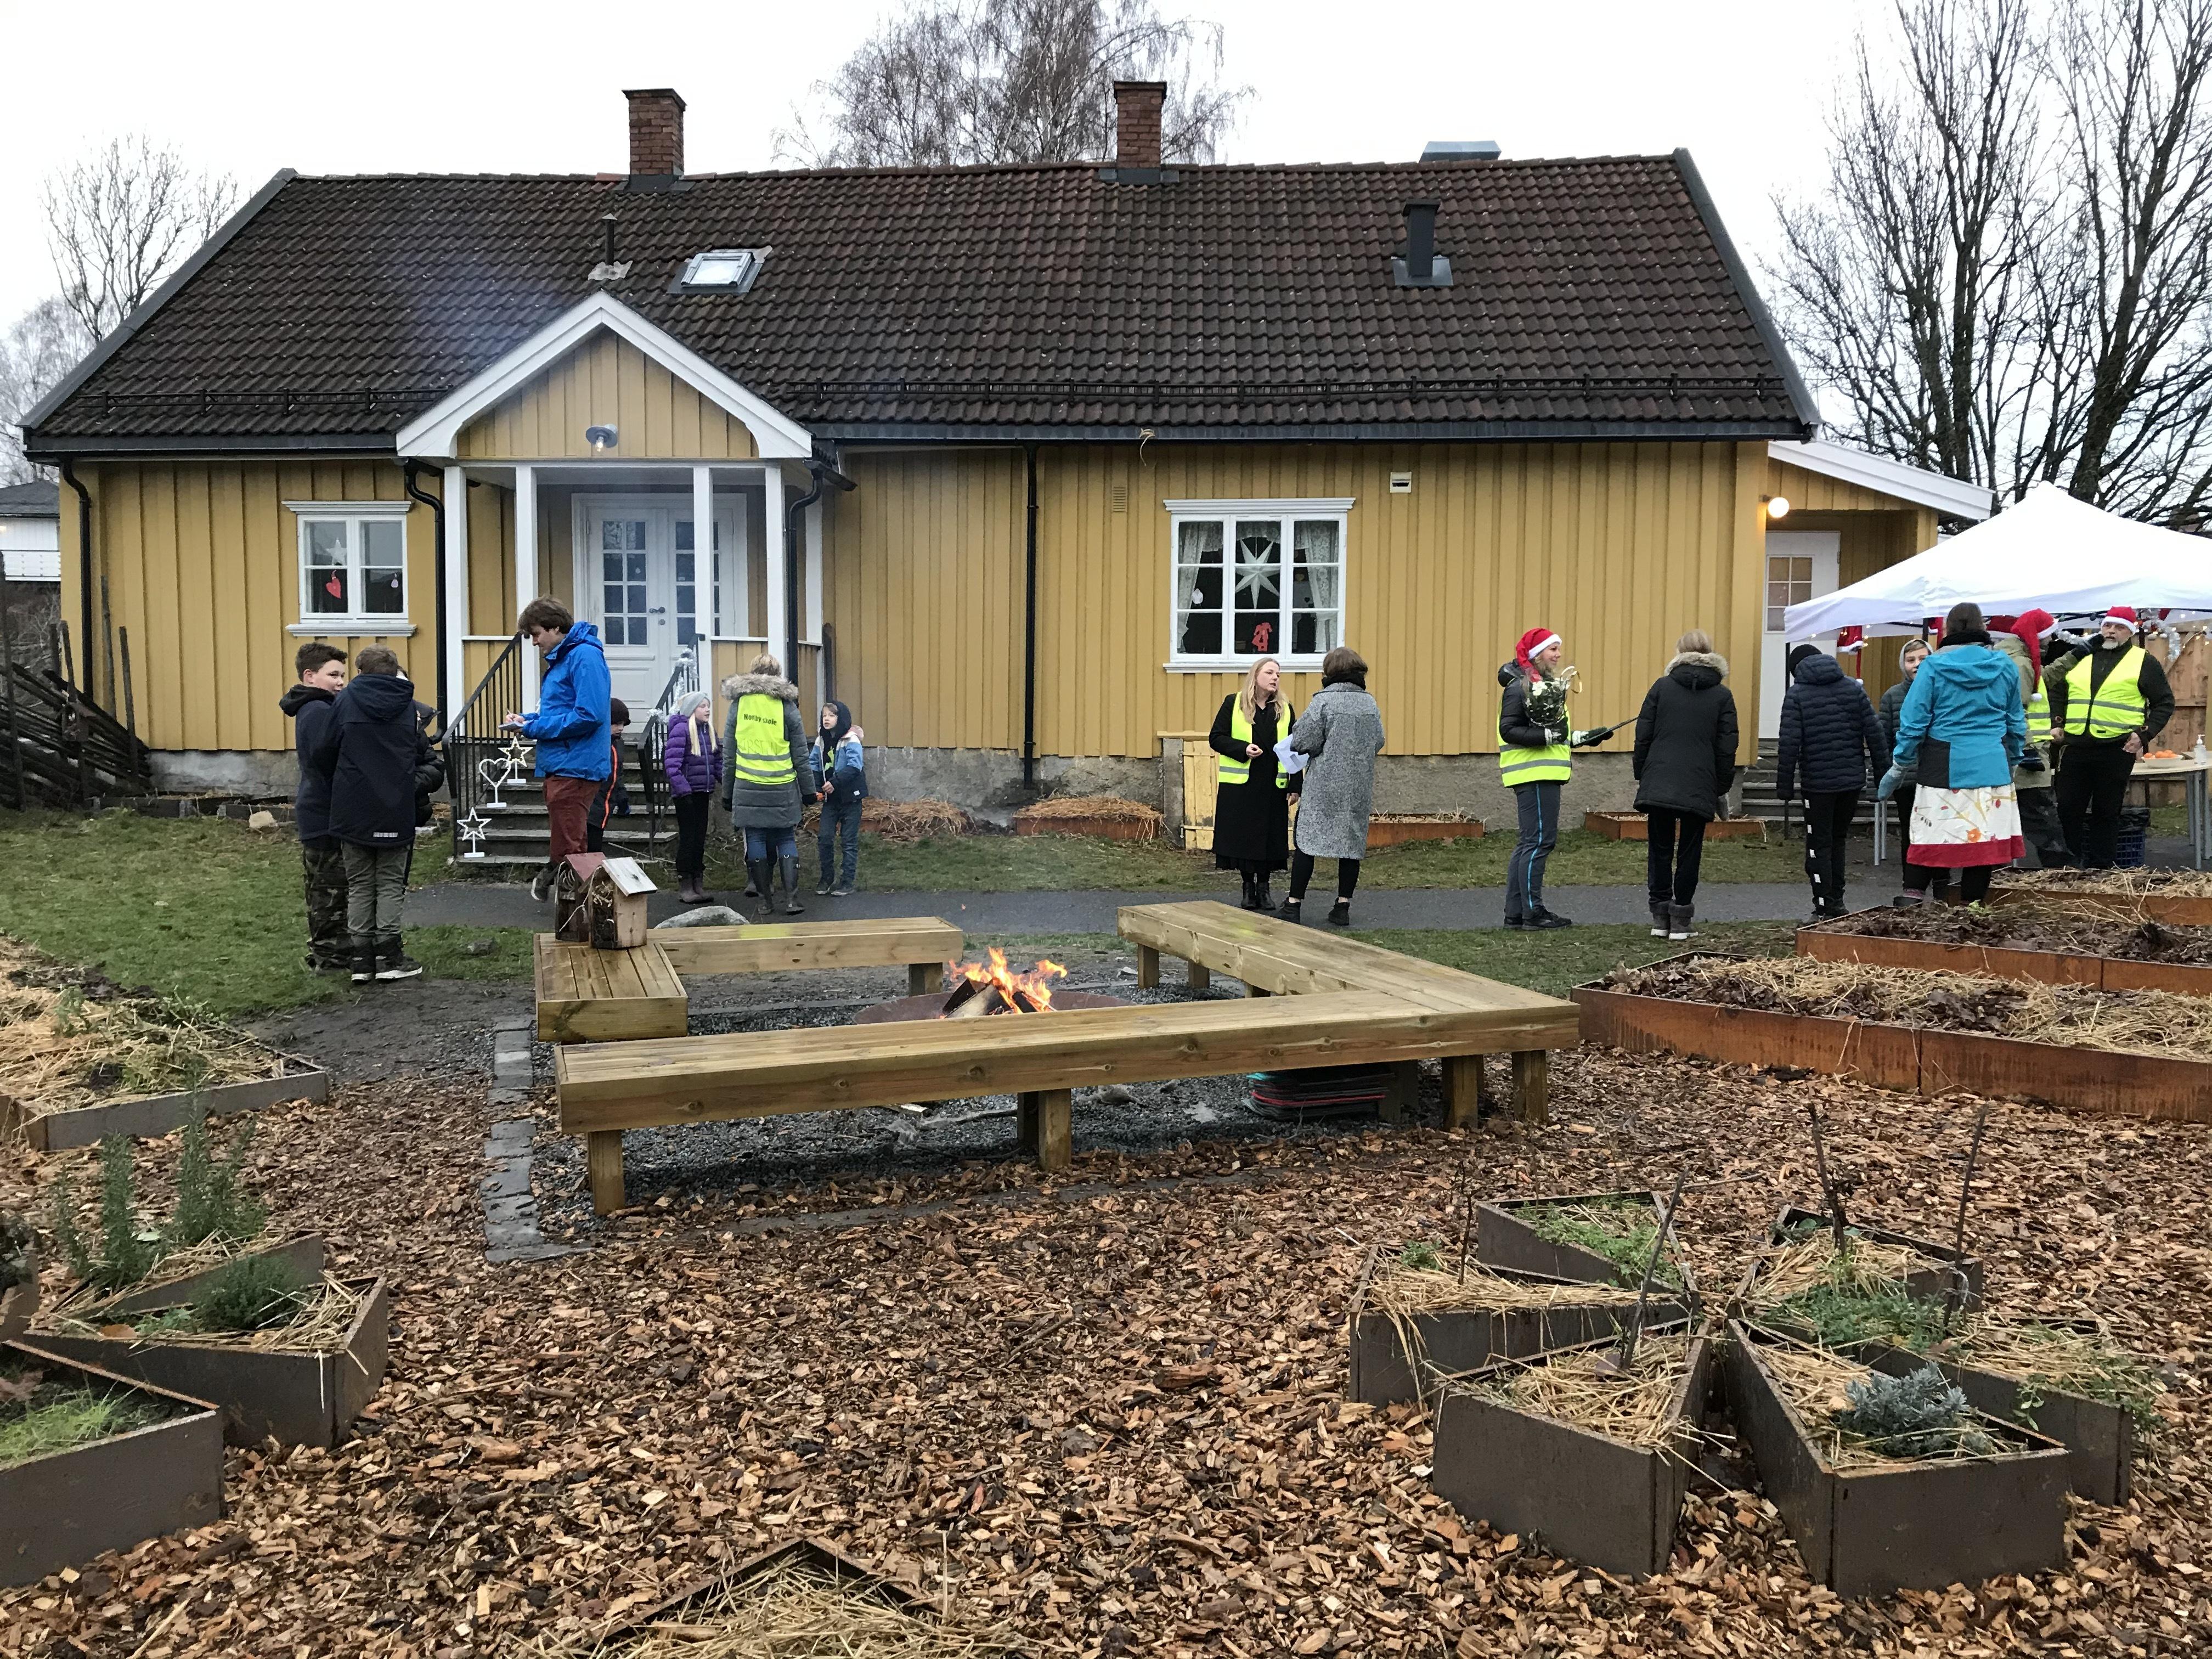 Plantekasser med krydderurter i forgrunnen. Skolehagen har også blitt et viktig samlingssted, med en koselig bålplass.